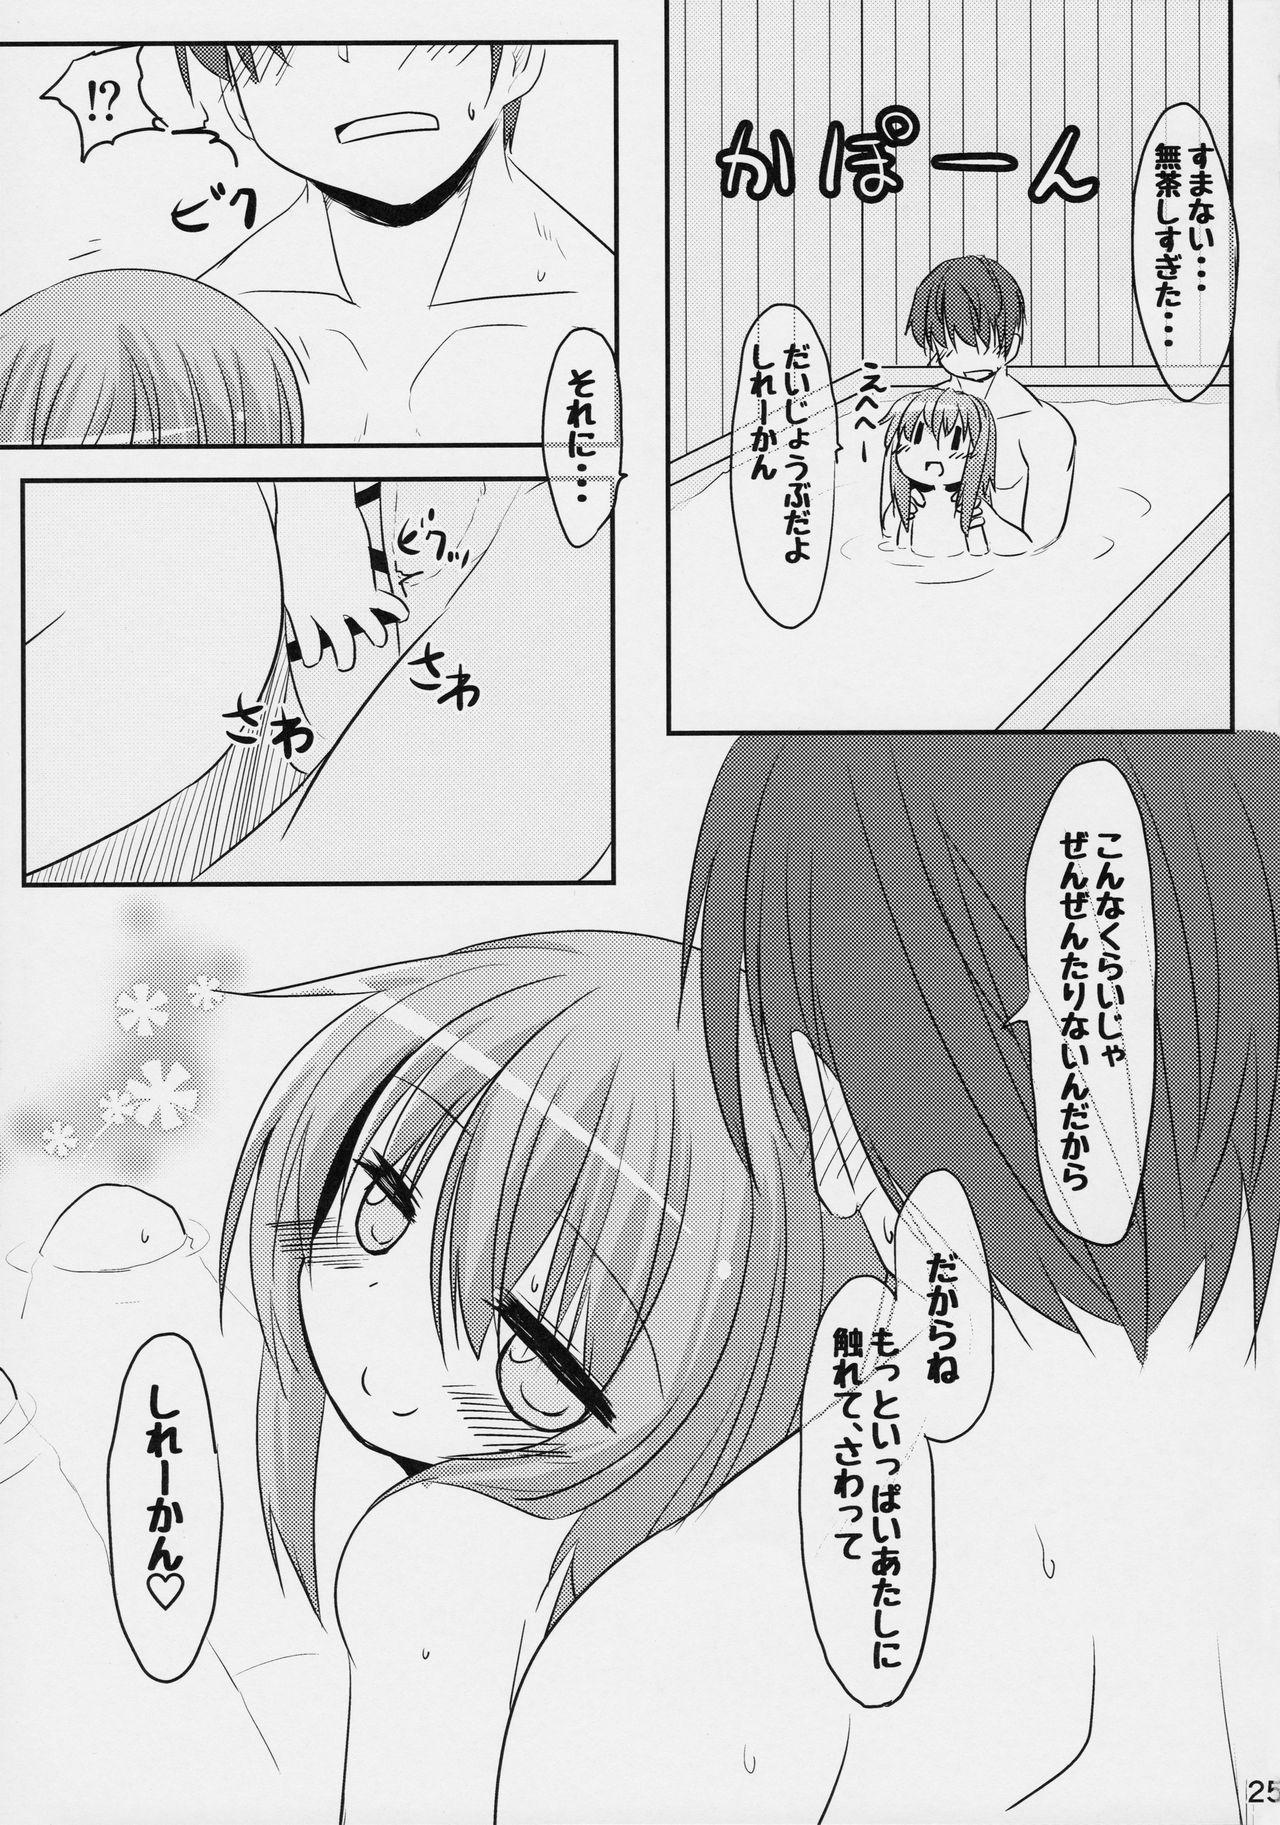 Fumizuki no Koto Motto Motto Sawatte Iiyo 23